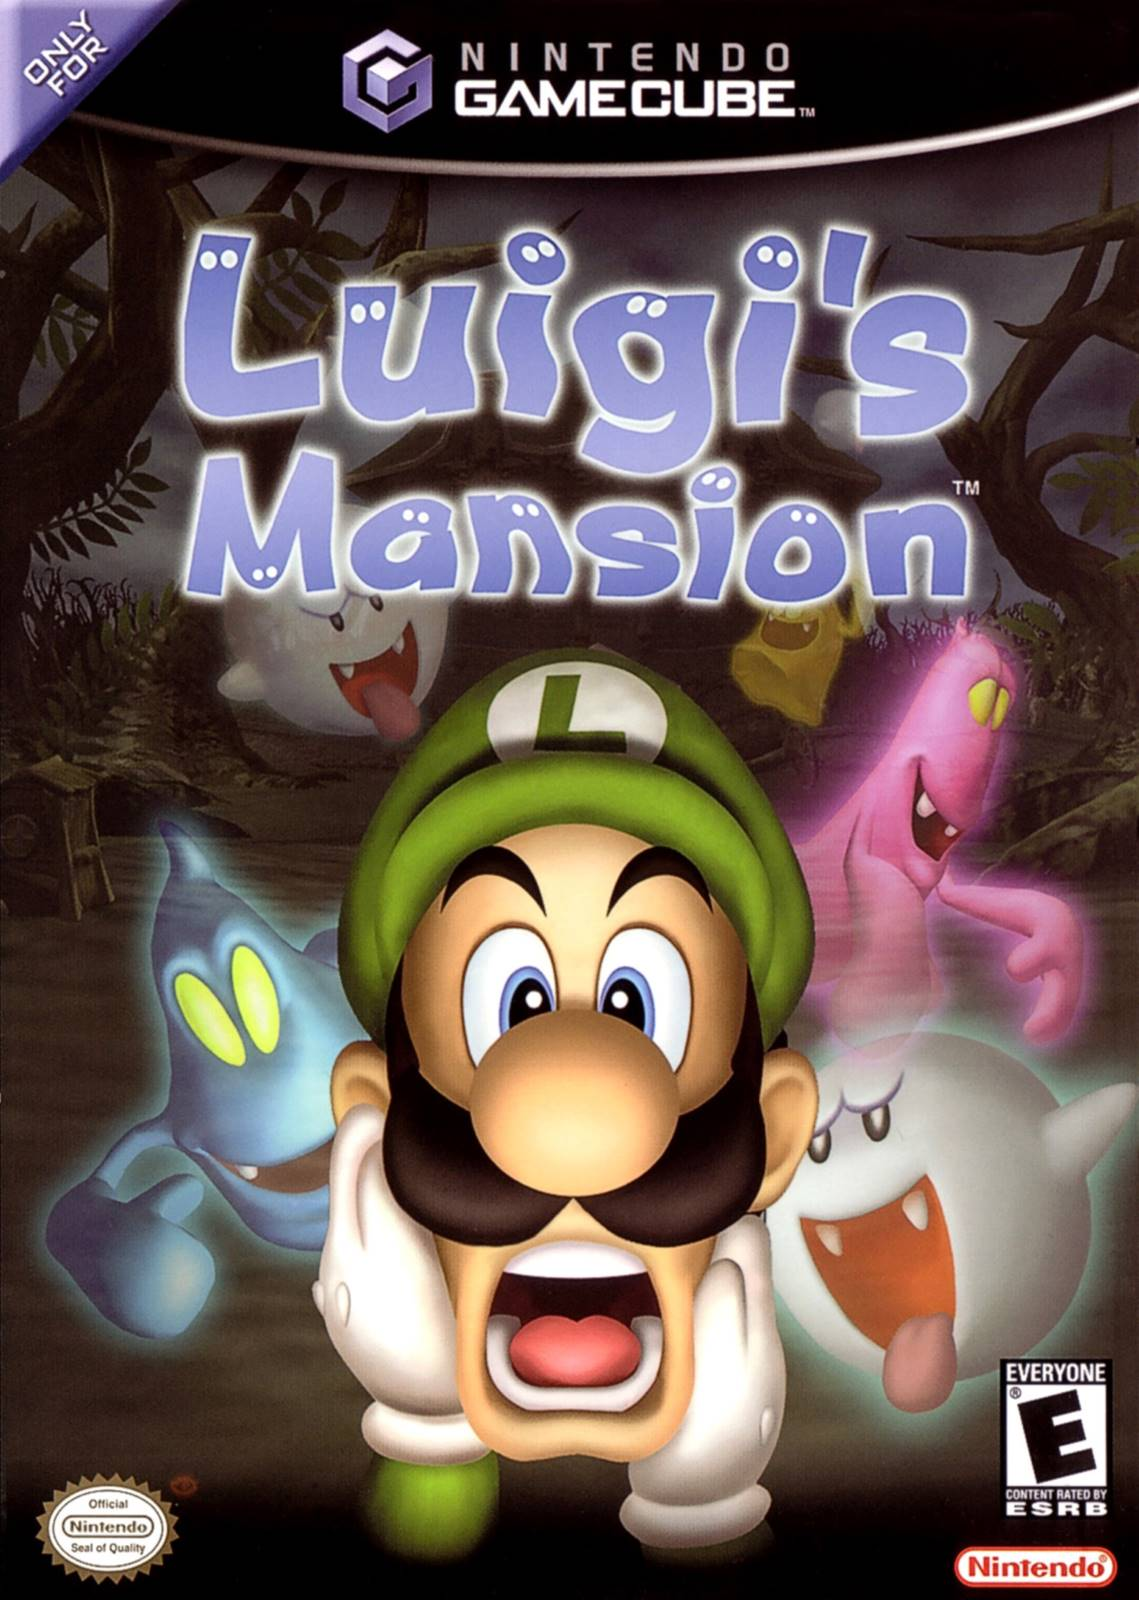 """Résultat de recherche d'images pour """"luigi's mansion gamecube"""""""